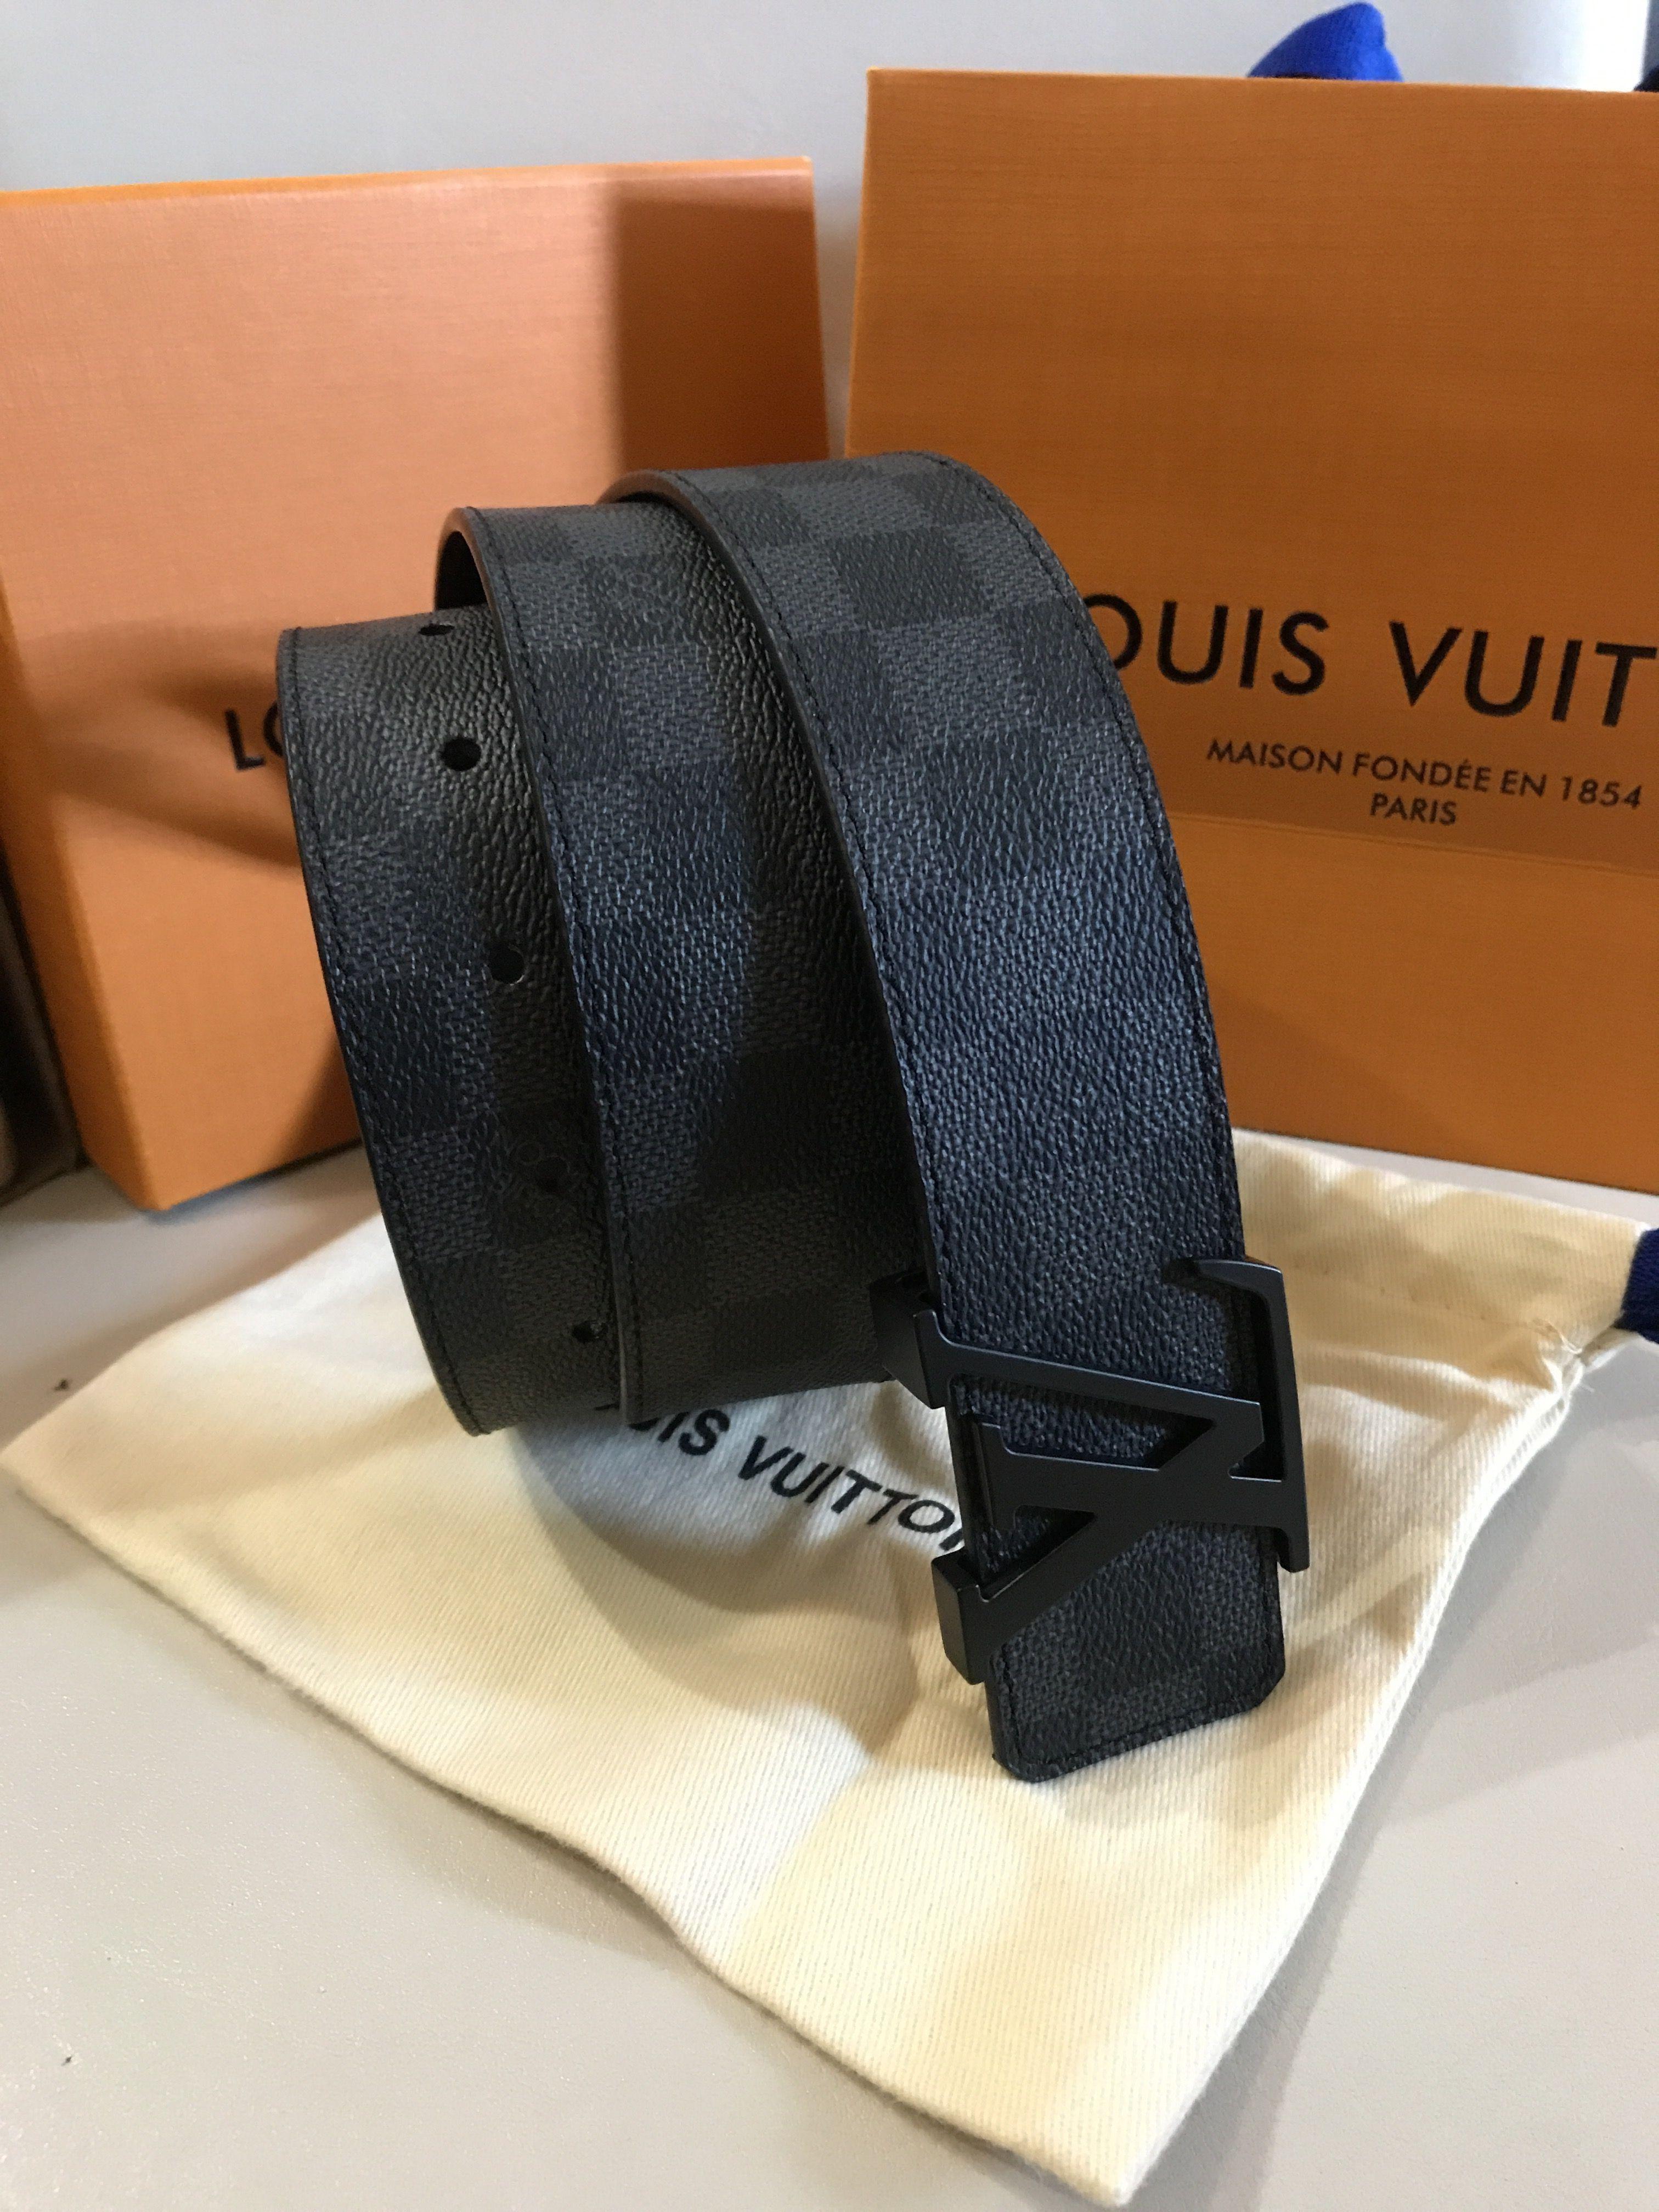 cbb8170e267b Authentic LOUIS VUITTON Damier Graphite belt M9808 Rating AB ( Outside A  Inside B